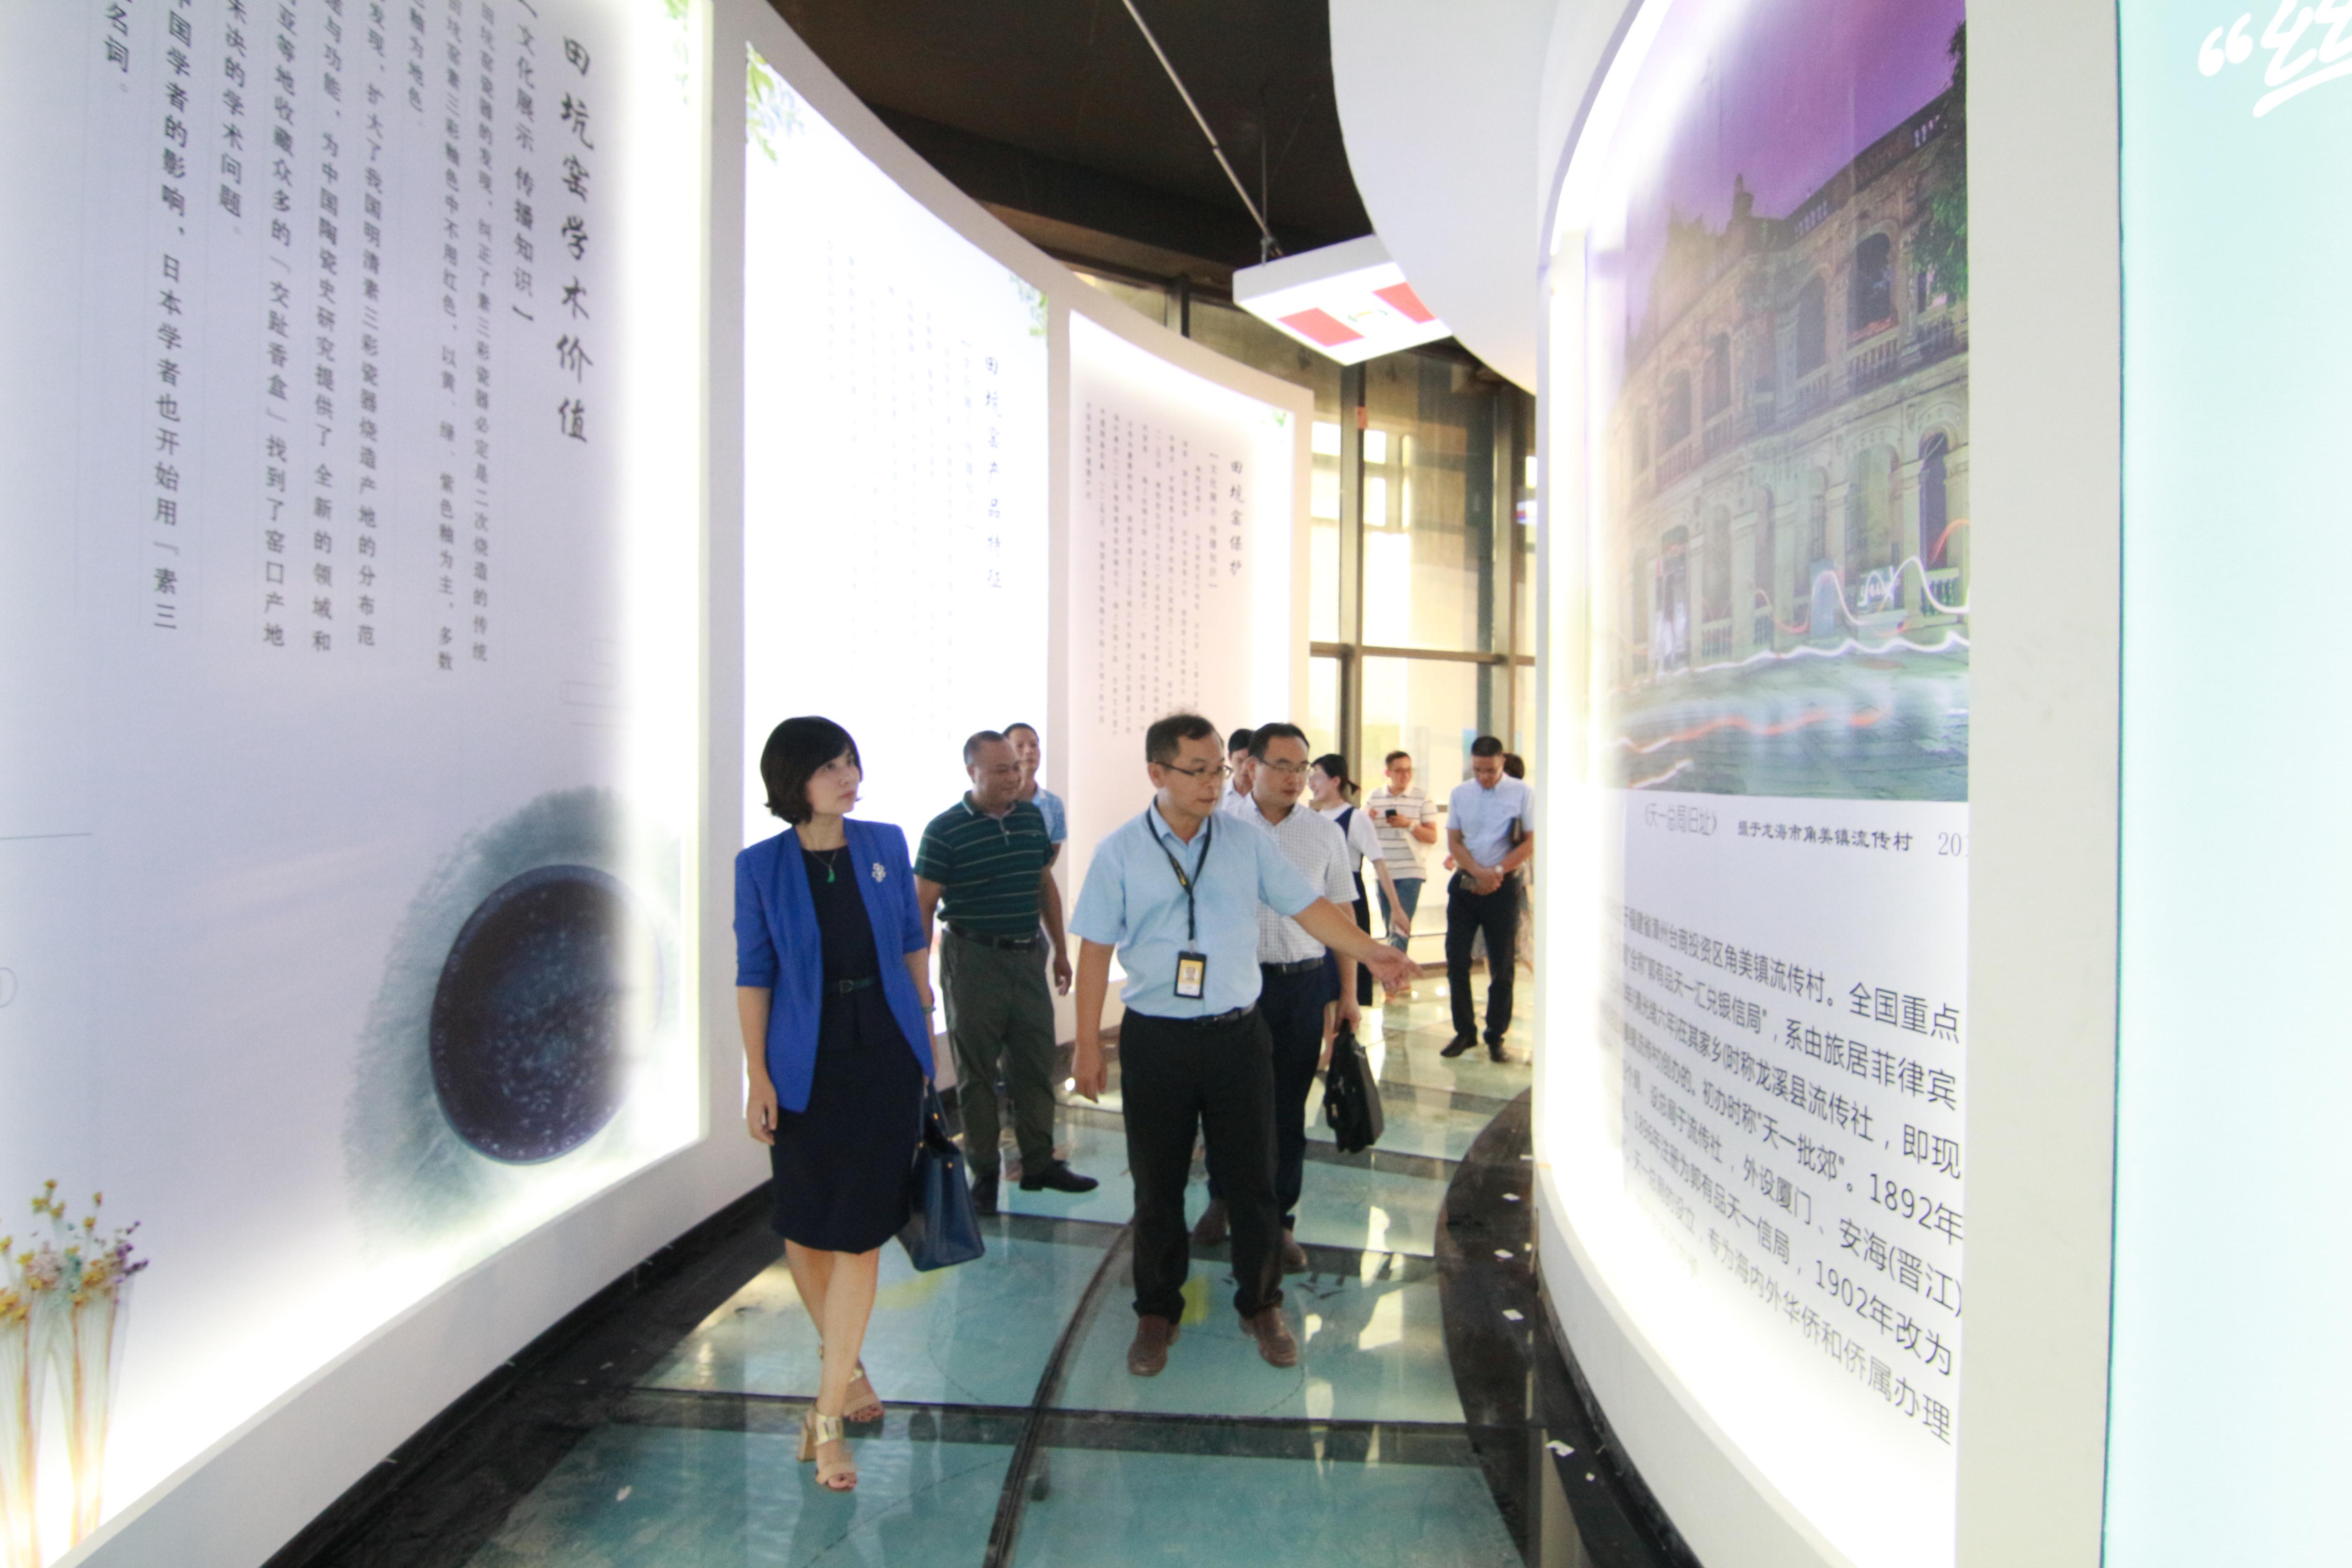 敦煌网漳州运营中心预计本月20日正式投用